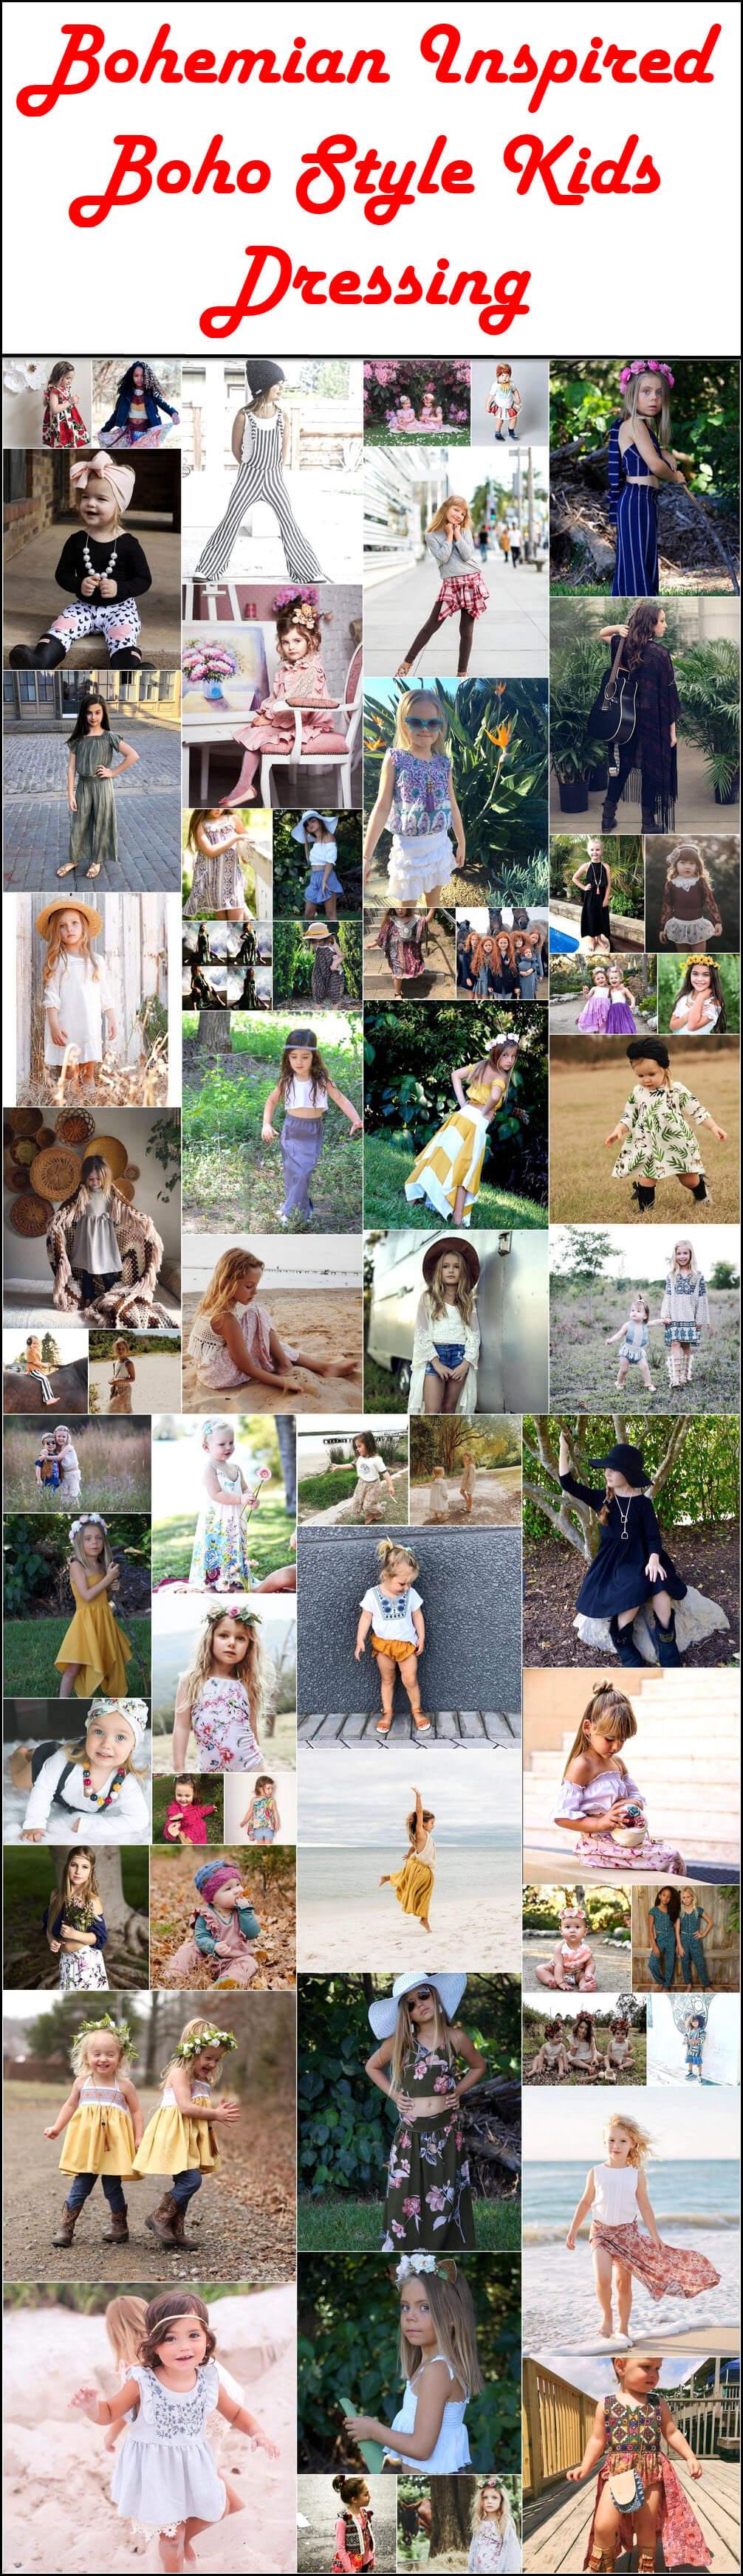 Bohemian Inspired Boho Style Kids Dressing